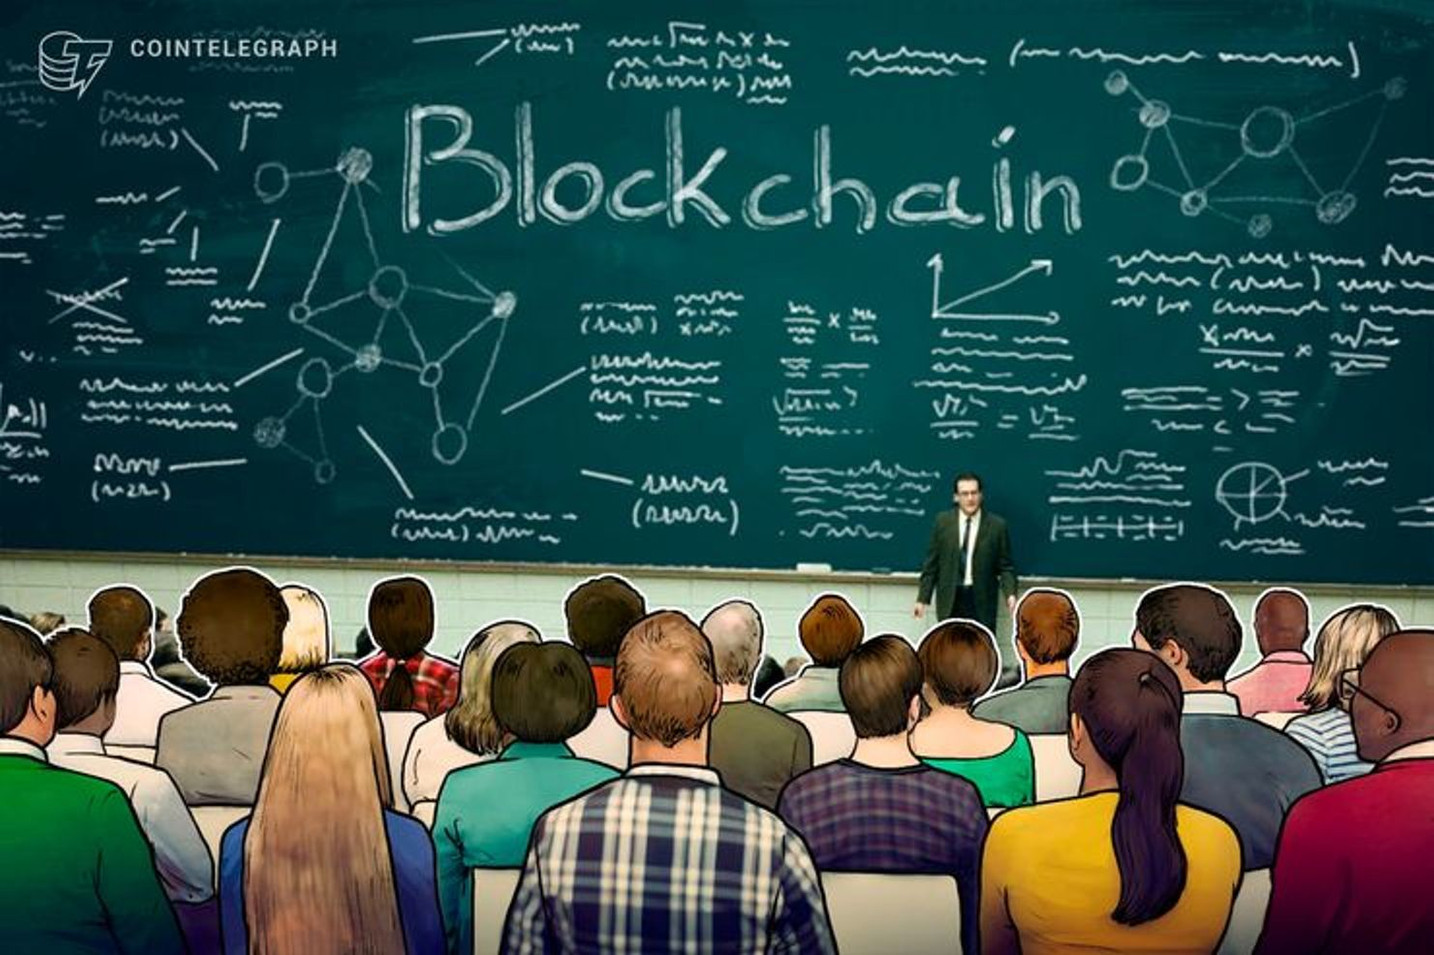 Primer Hackathon y Congreso Blockchain en Argentina: capacitación en smart contracts, dapps y más